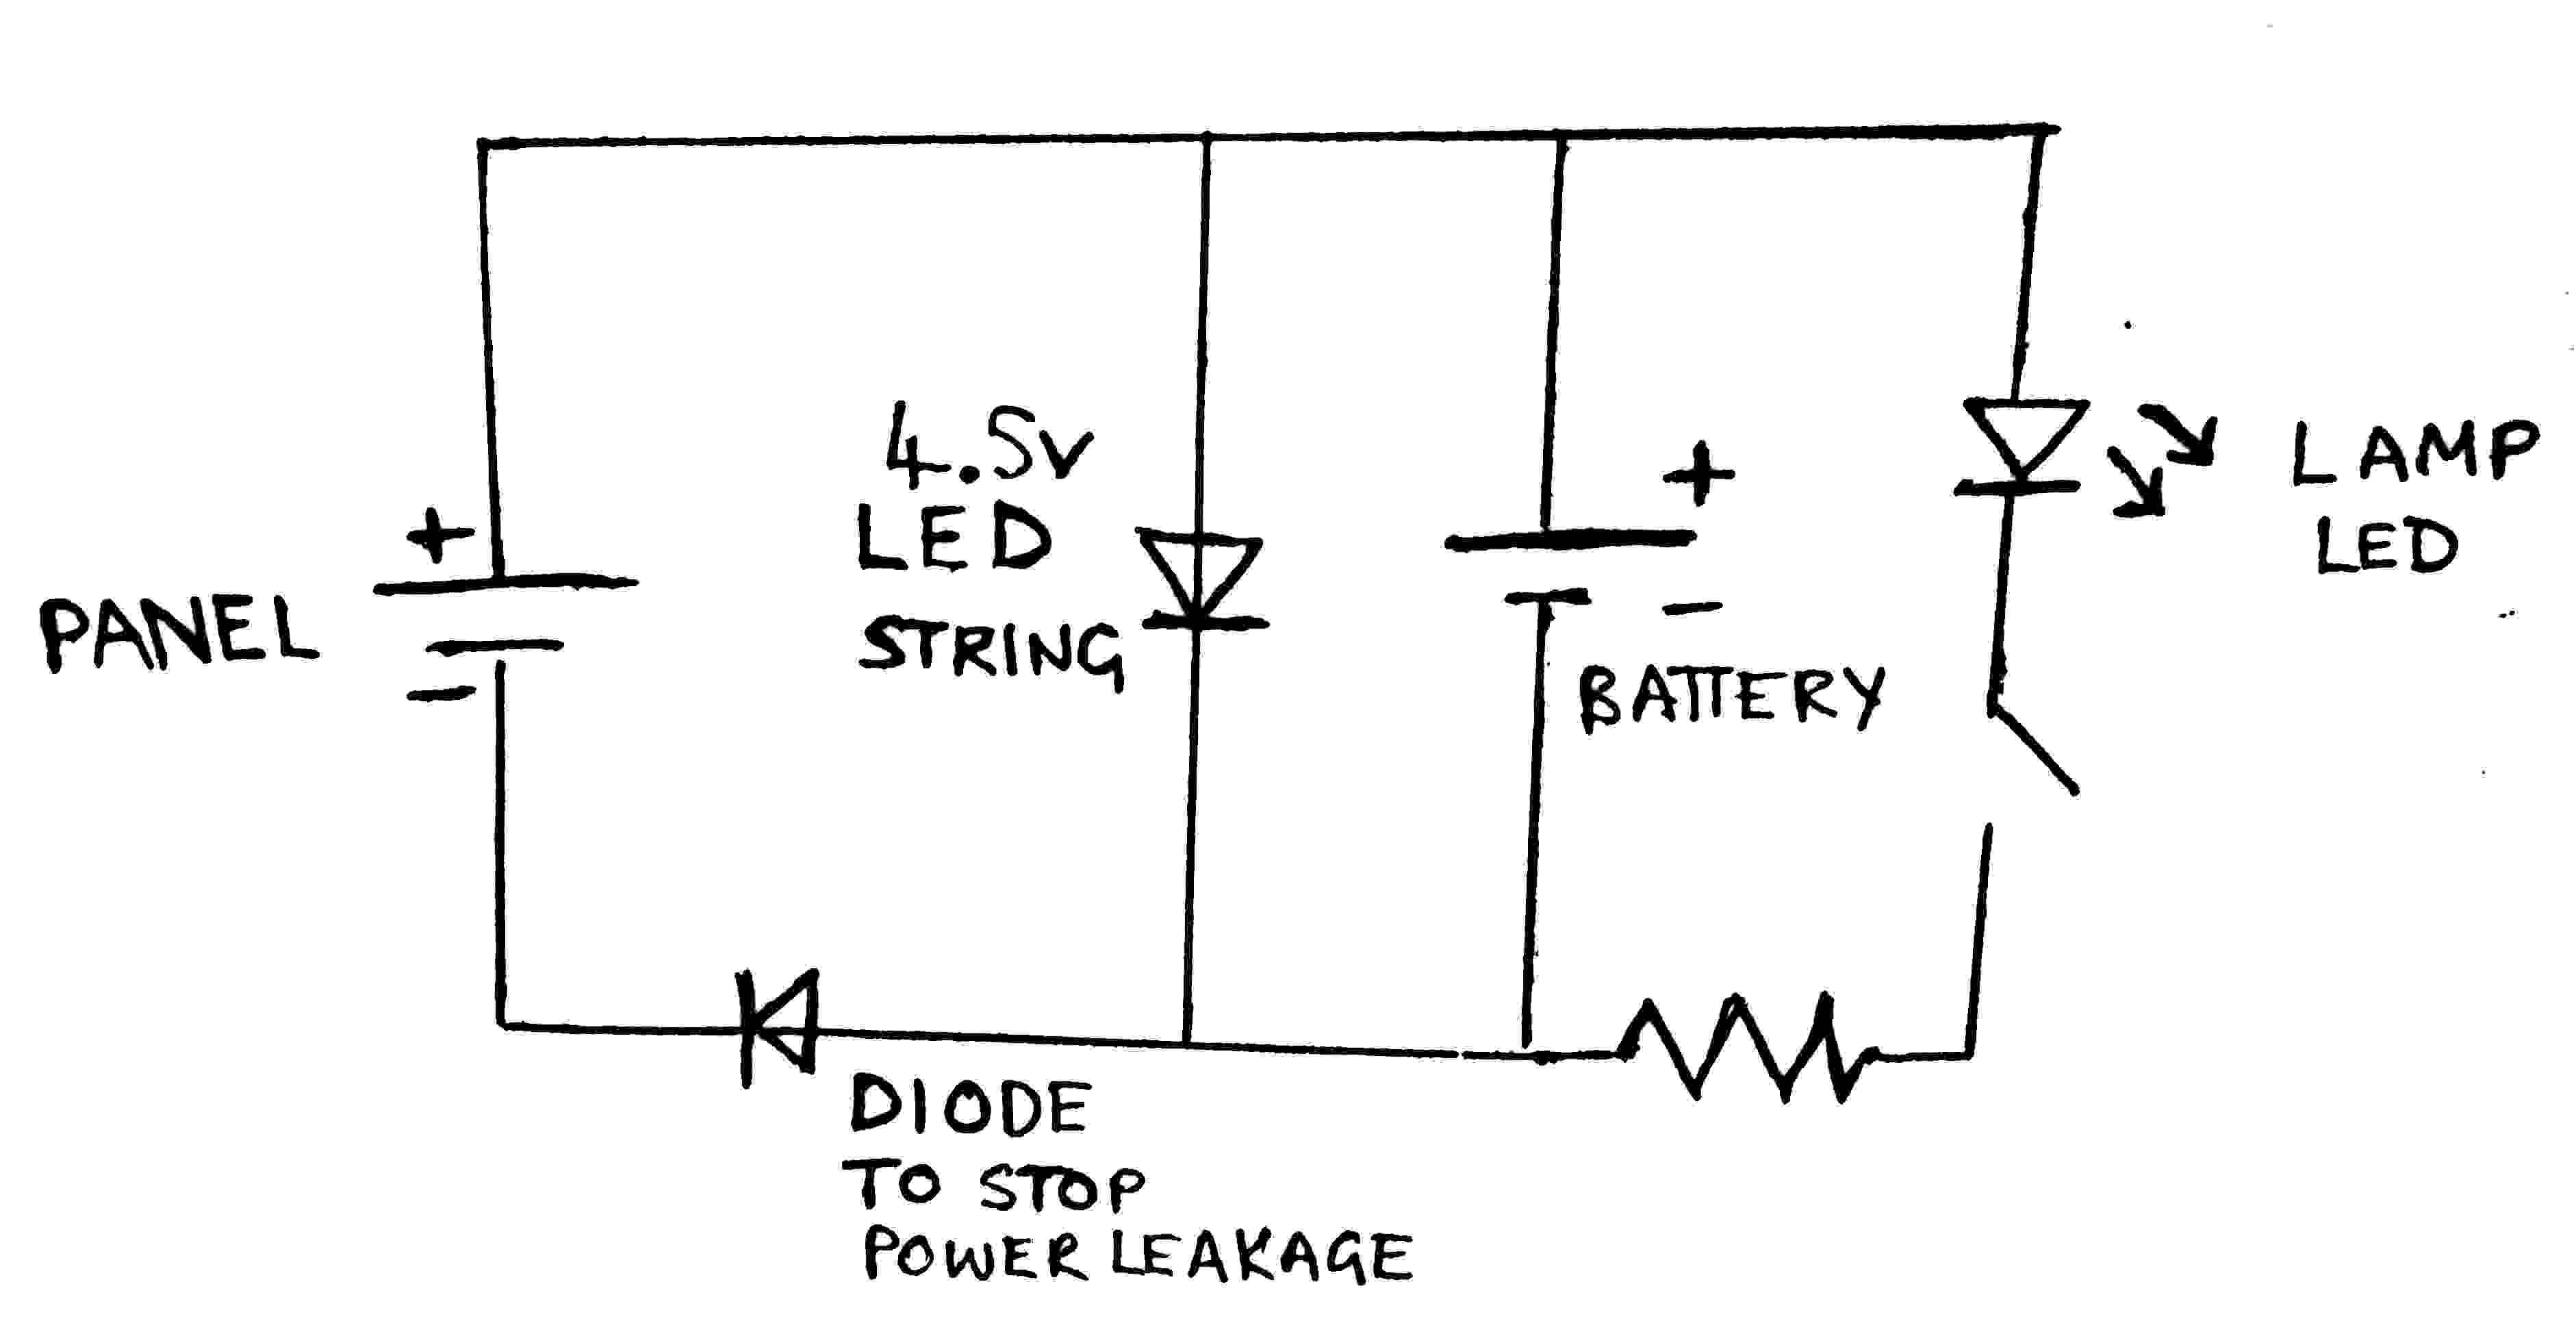 pen lamp circuit 1 w 400 yamaha starter generator wiring diagram the wiring diagram yamaha starter generator [ 3763 x 1948 Pixel ]